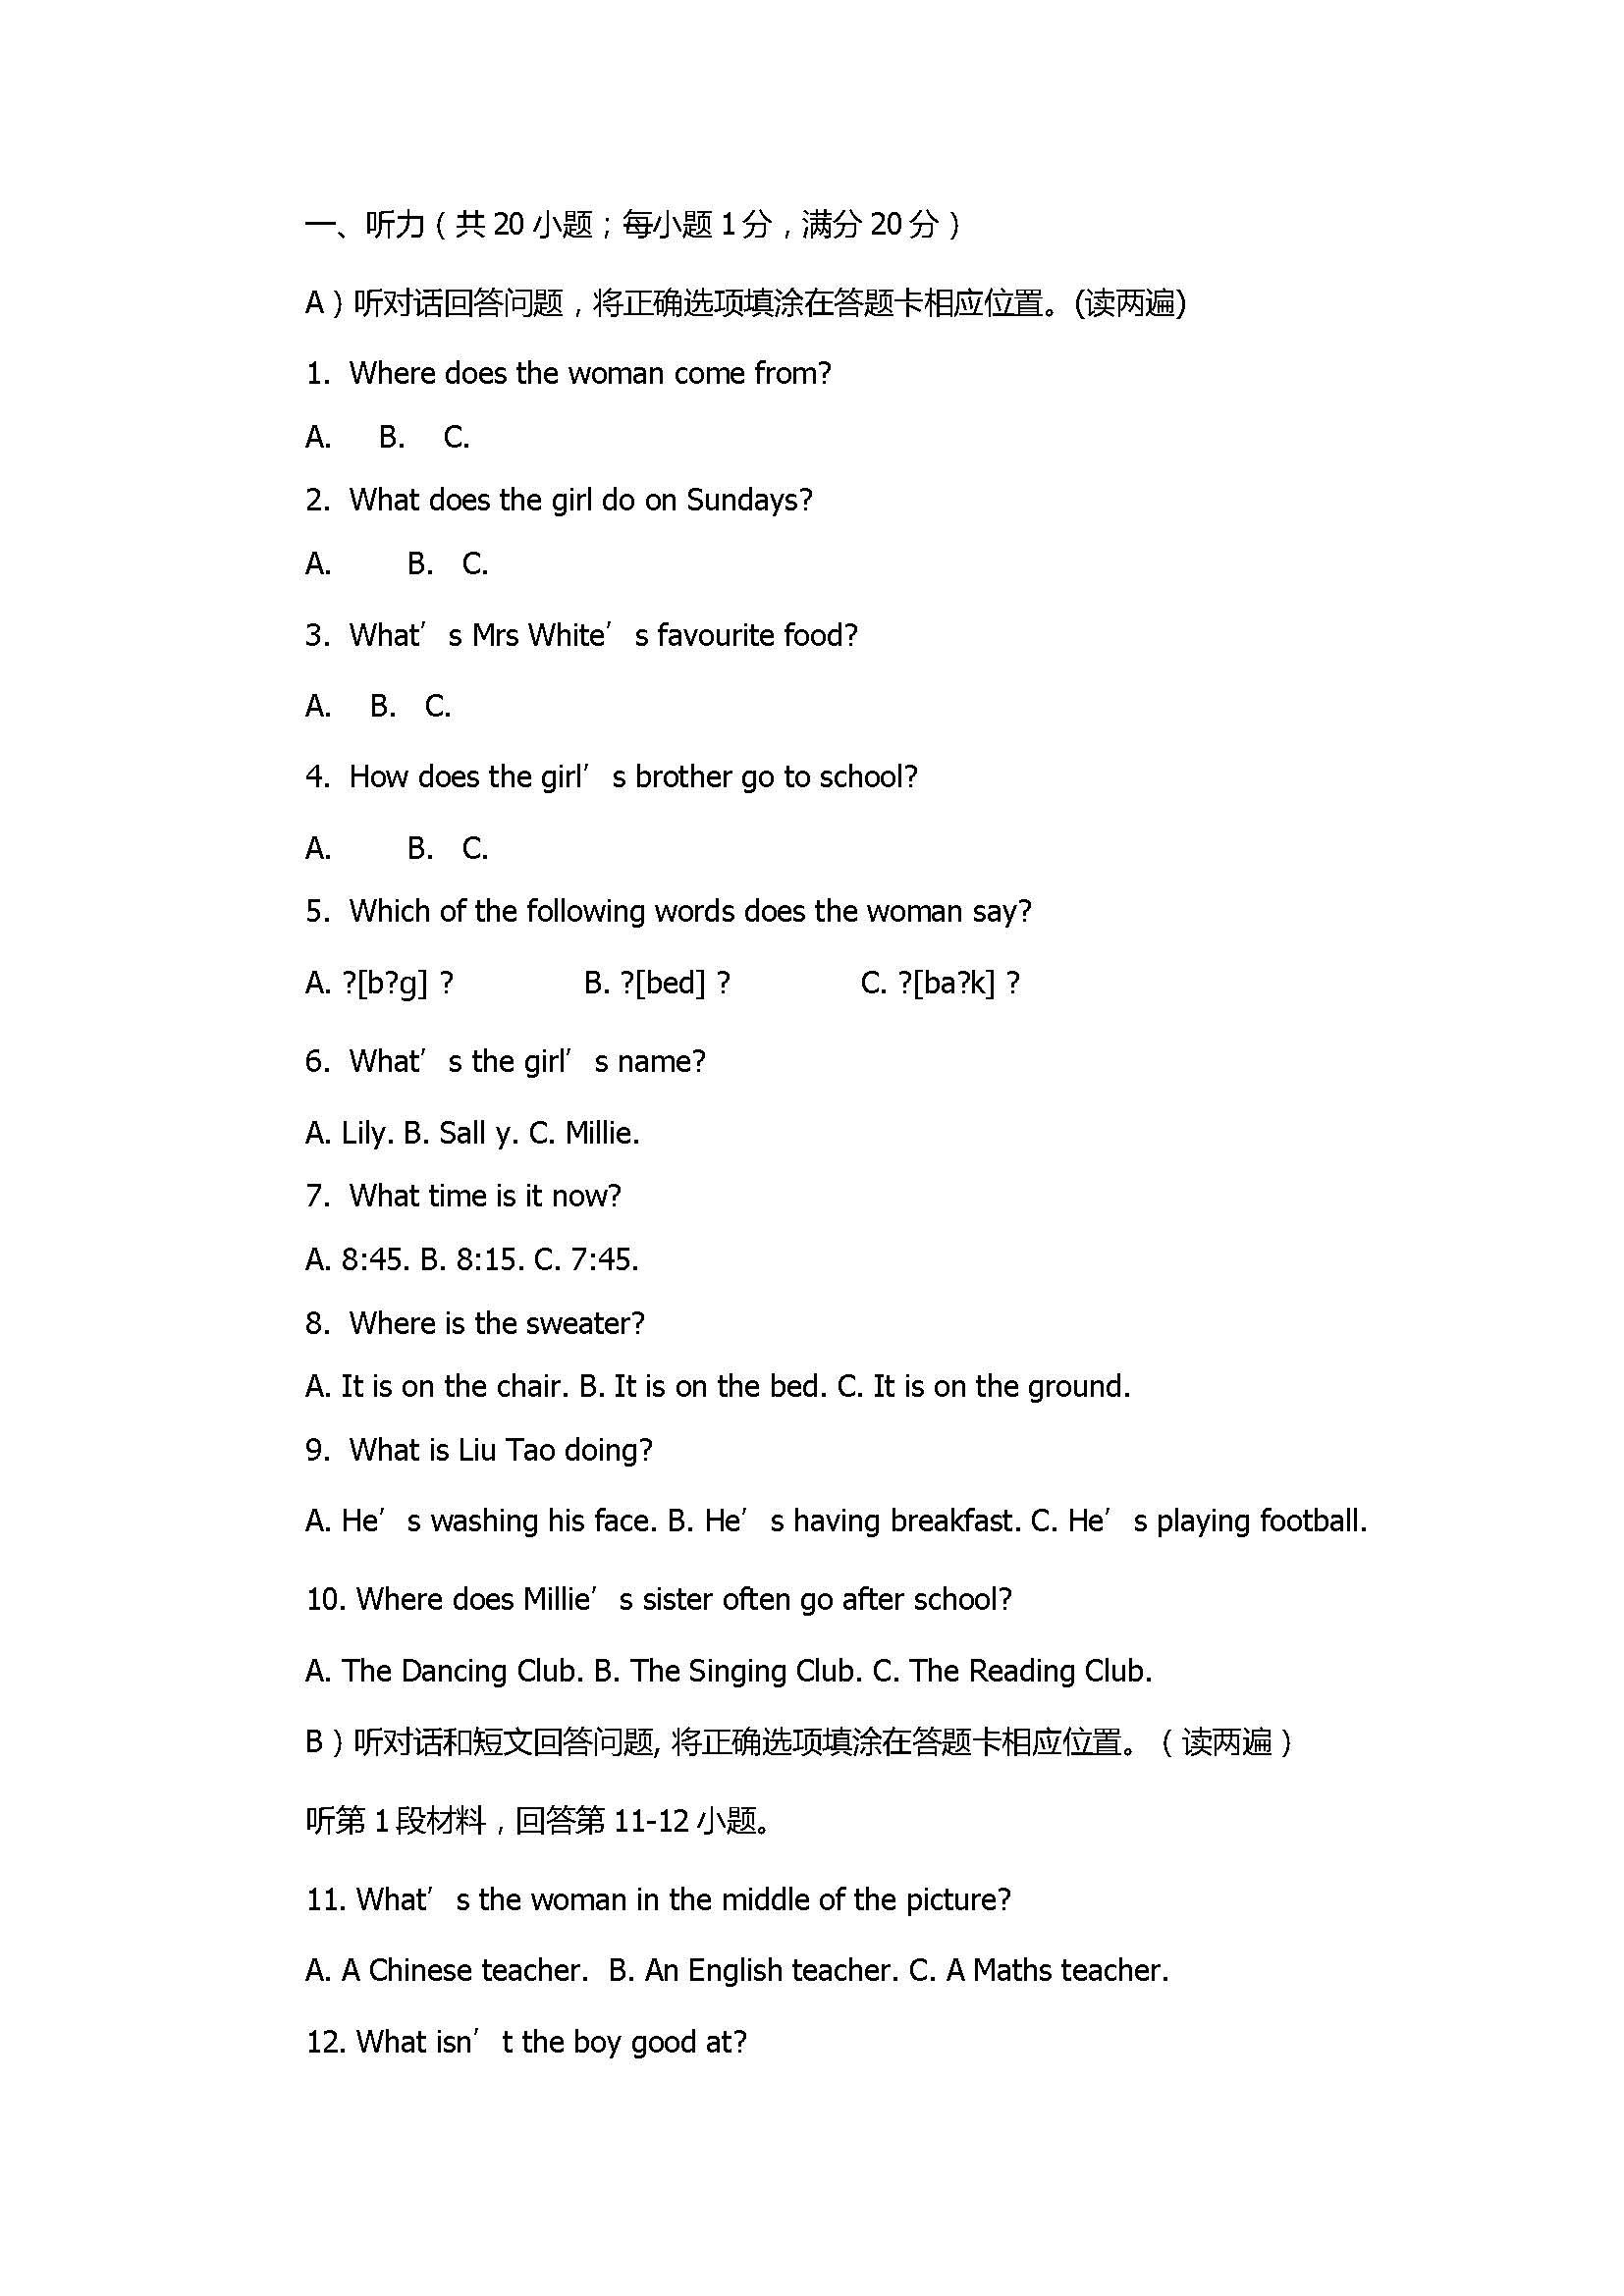 2017七年级英语期中调研试卷附参考答案